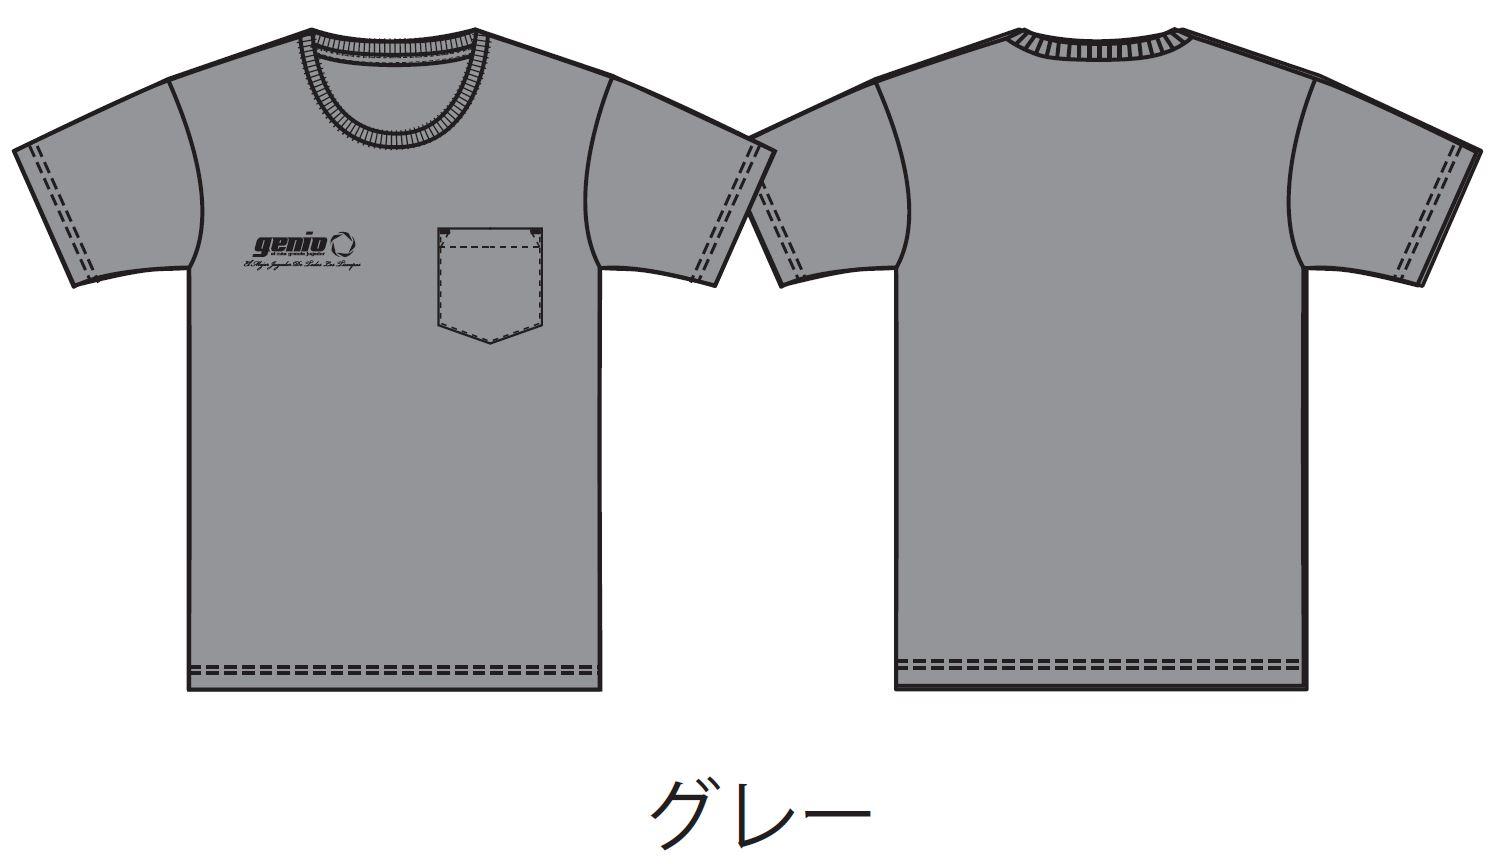 LOGO-FINE-JERSEY-8.JPG